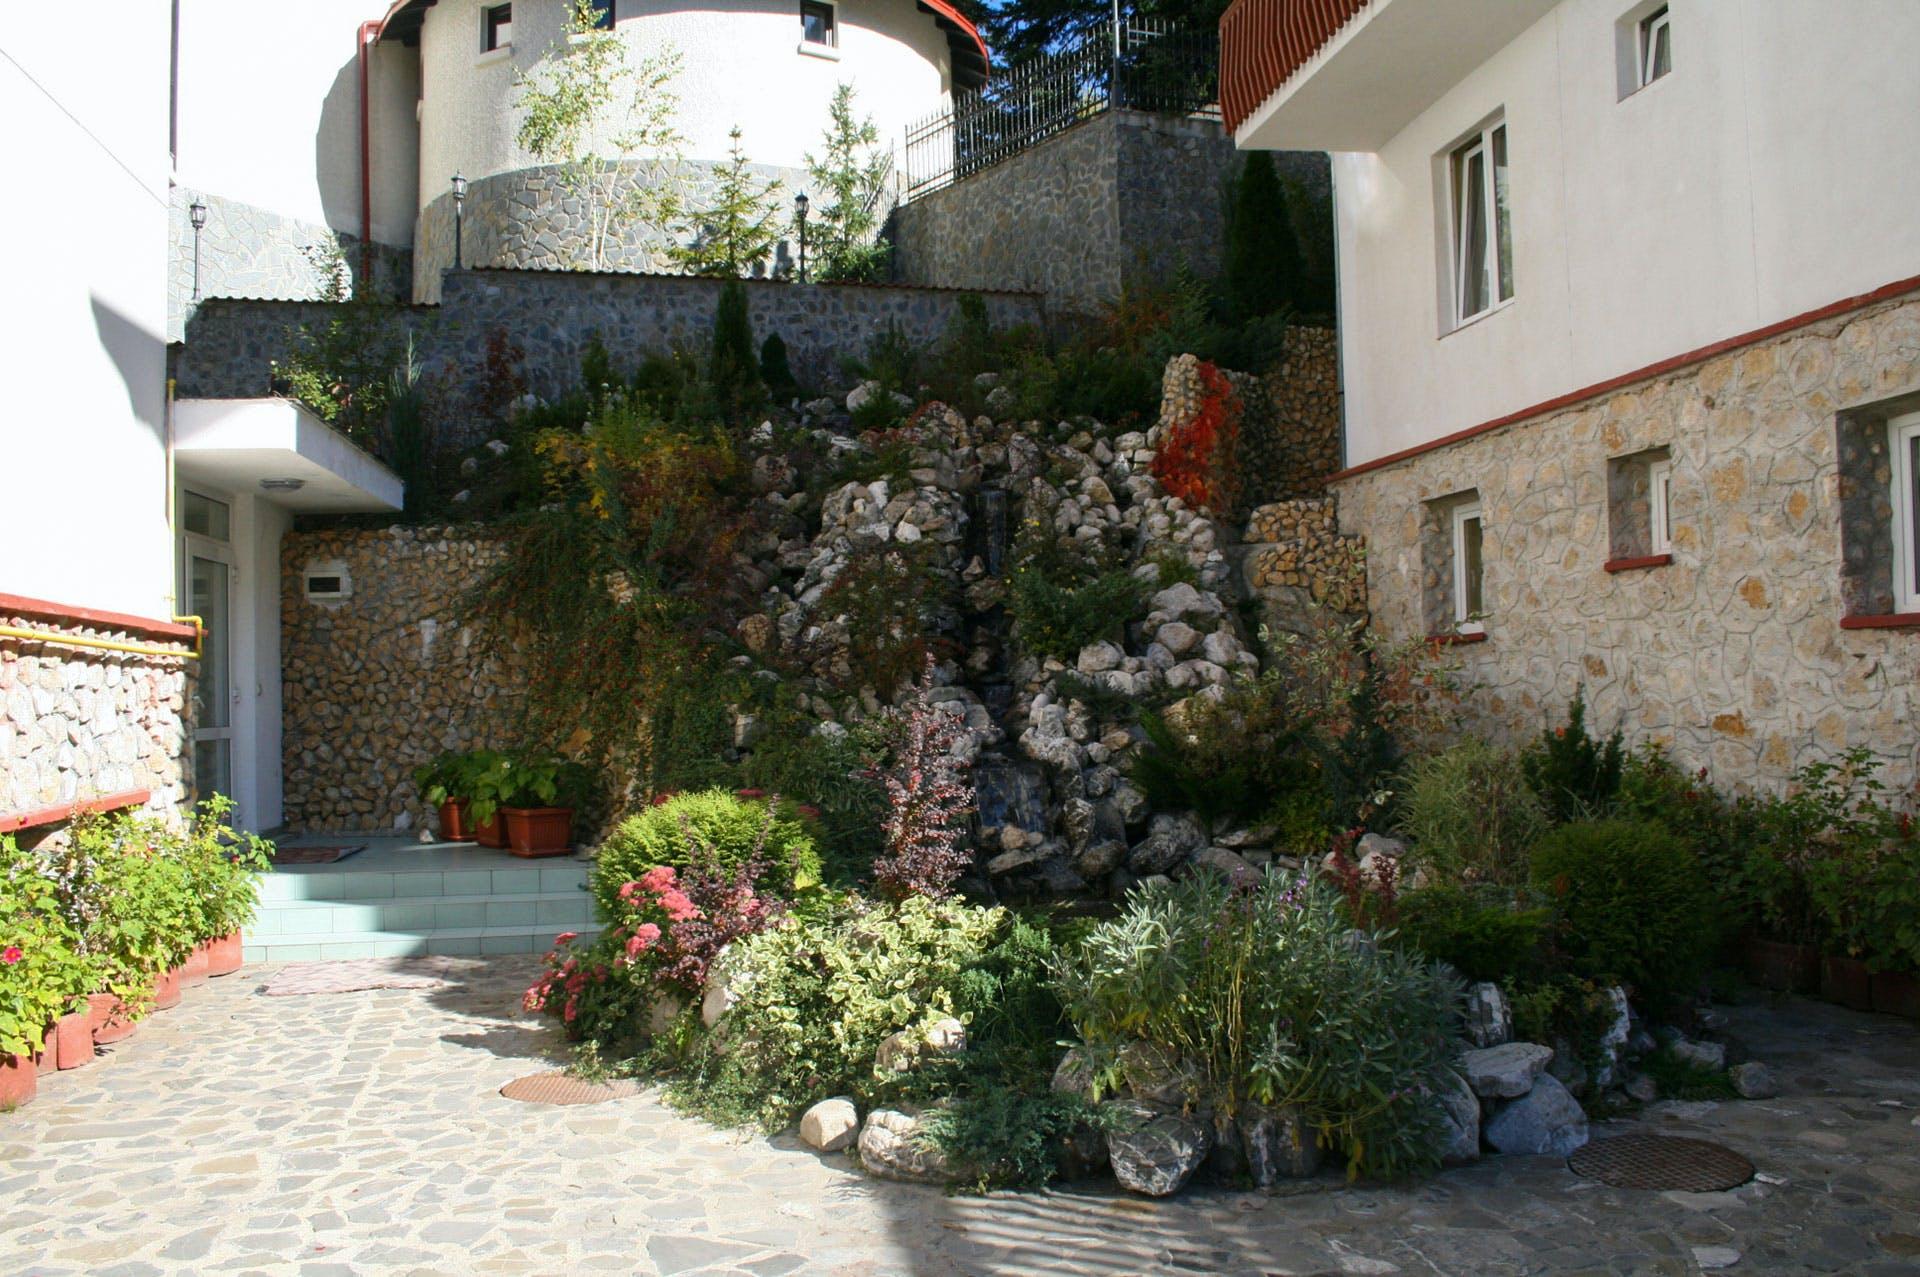 hotel cu cascada ornamentala cu flori plante si rocarie